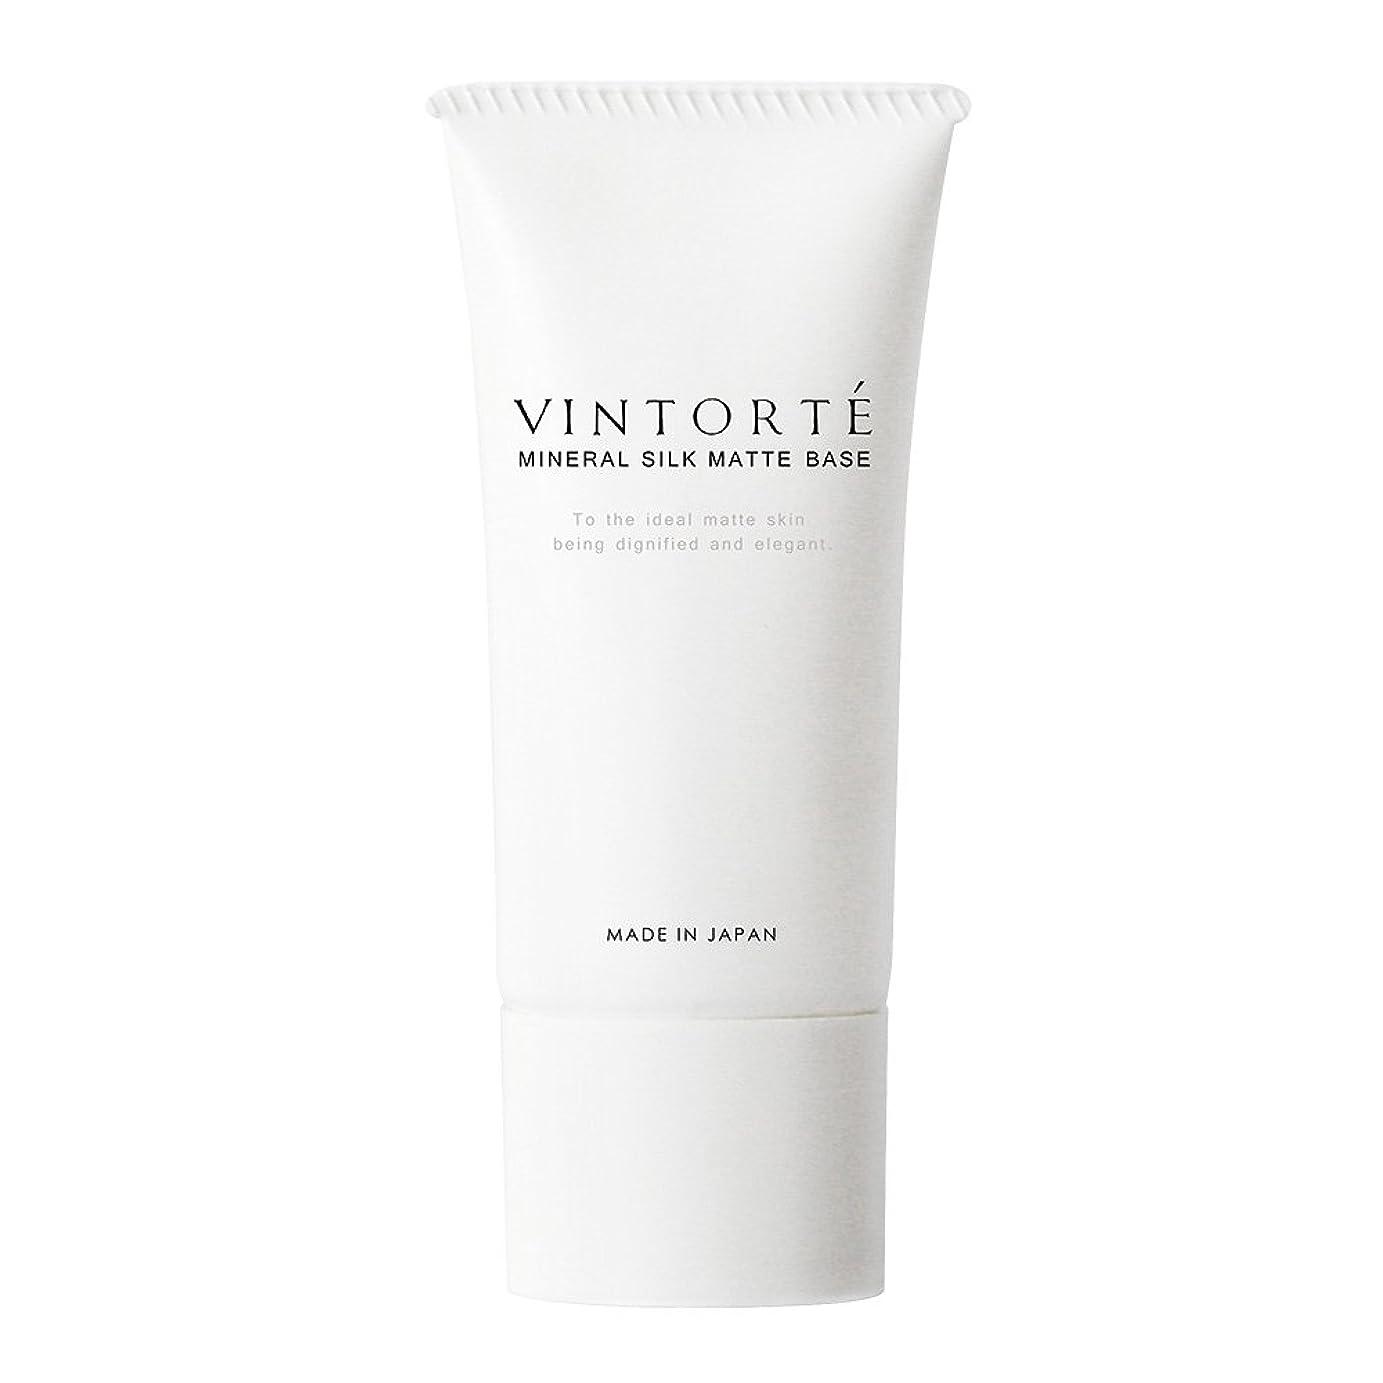 ウッズ依存固有のVINTORTE ミネラル シルク マットベース ヴァントルテ 化粧下地 クリーム ベースメイク v-msmb